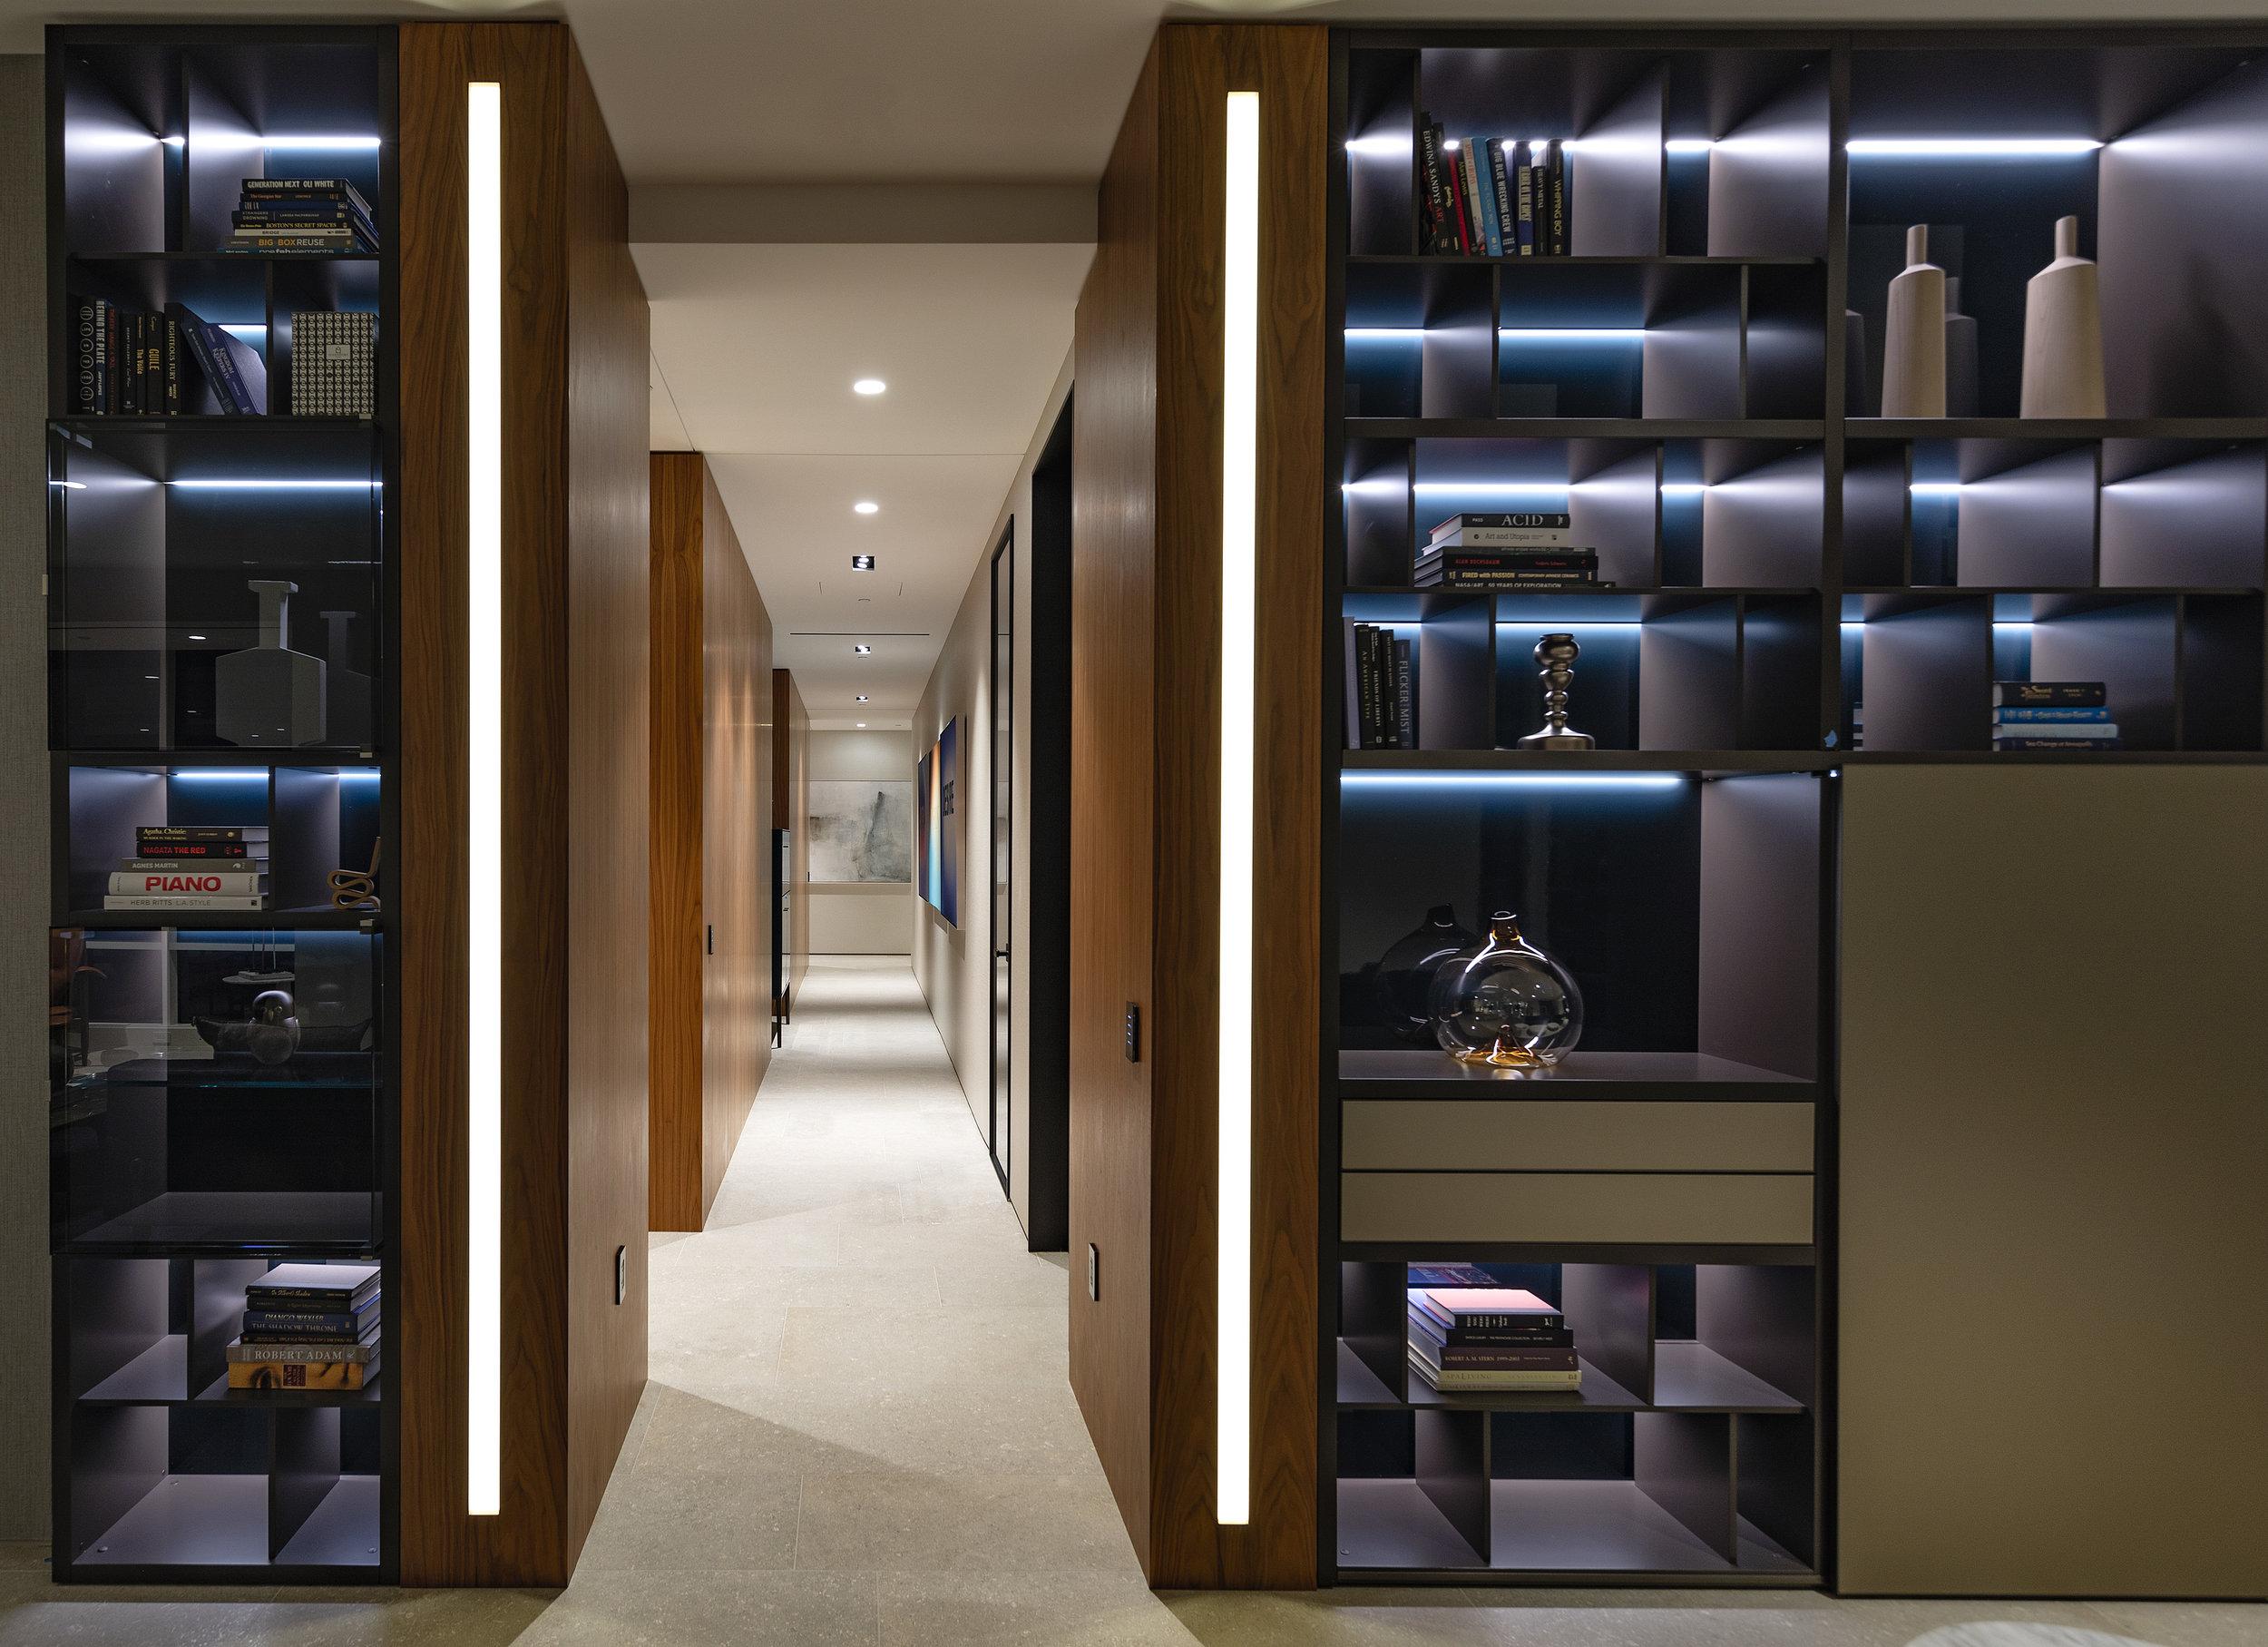 8-Great Room-Shelves-1800_60A5669.jpg